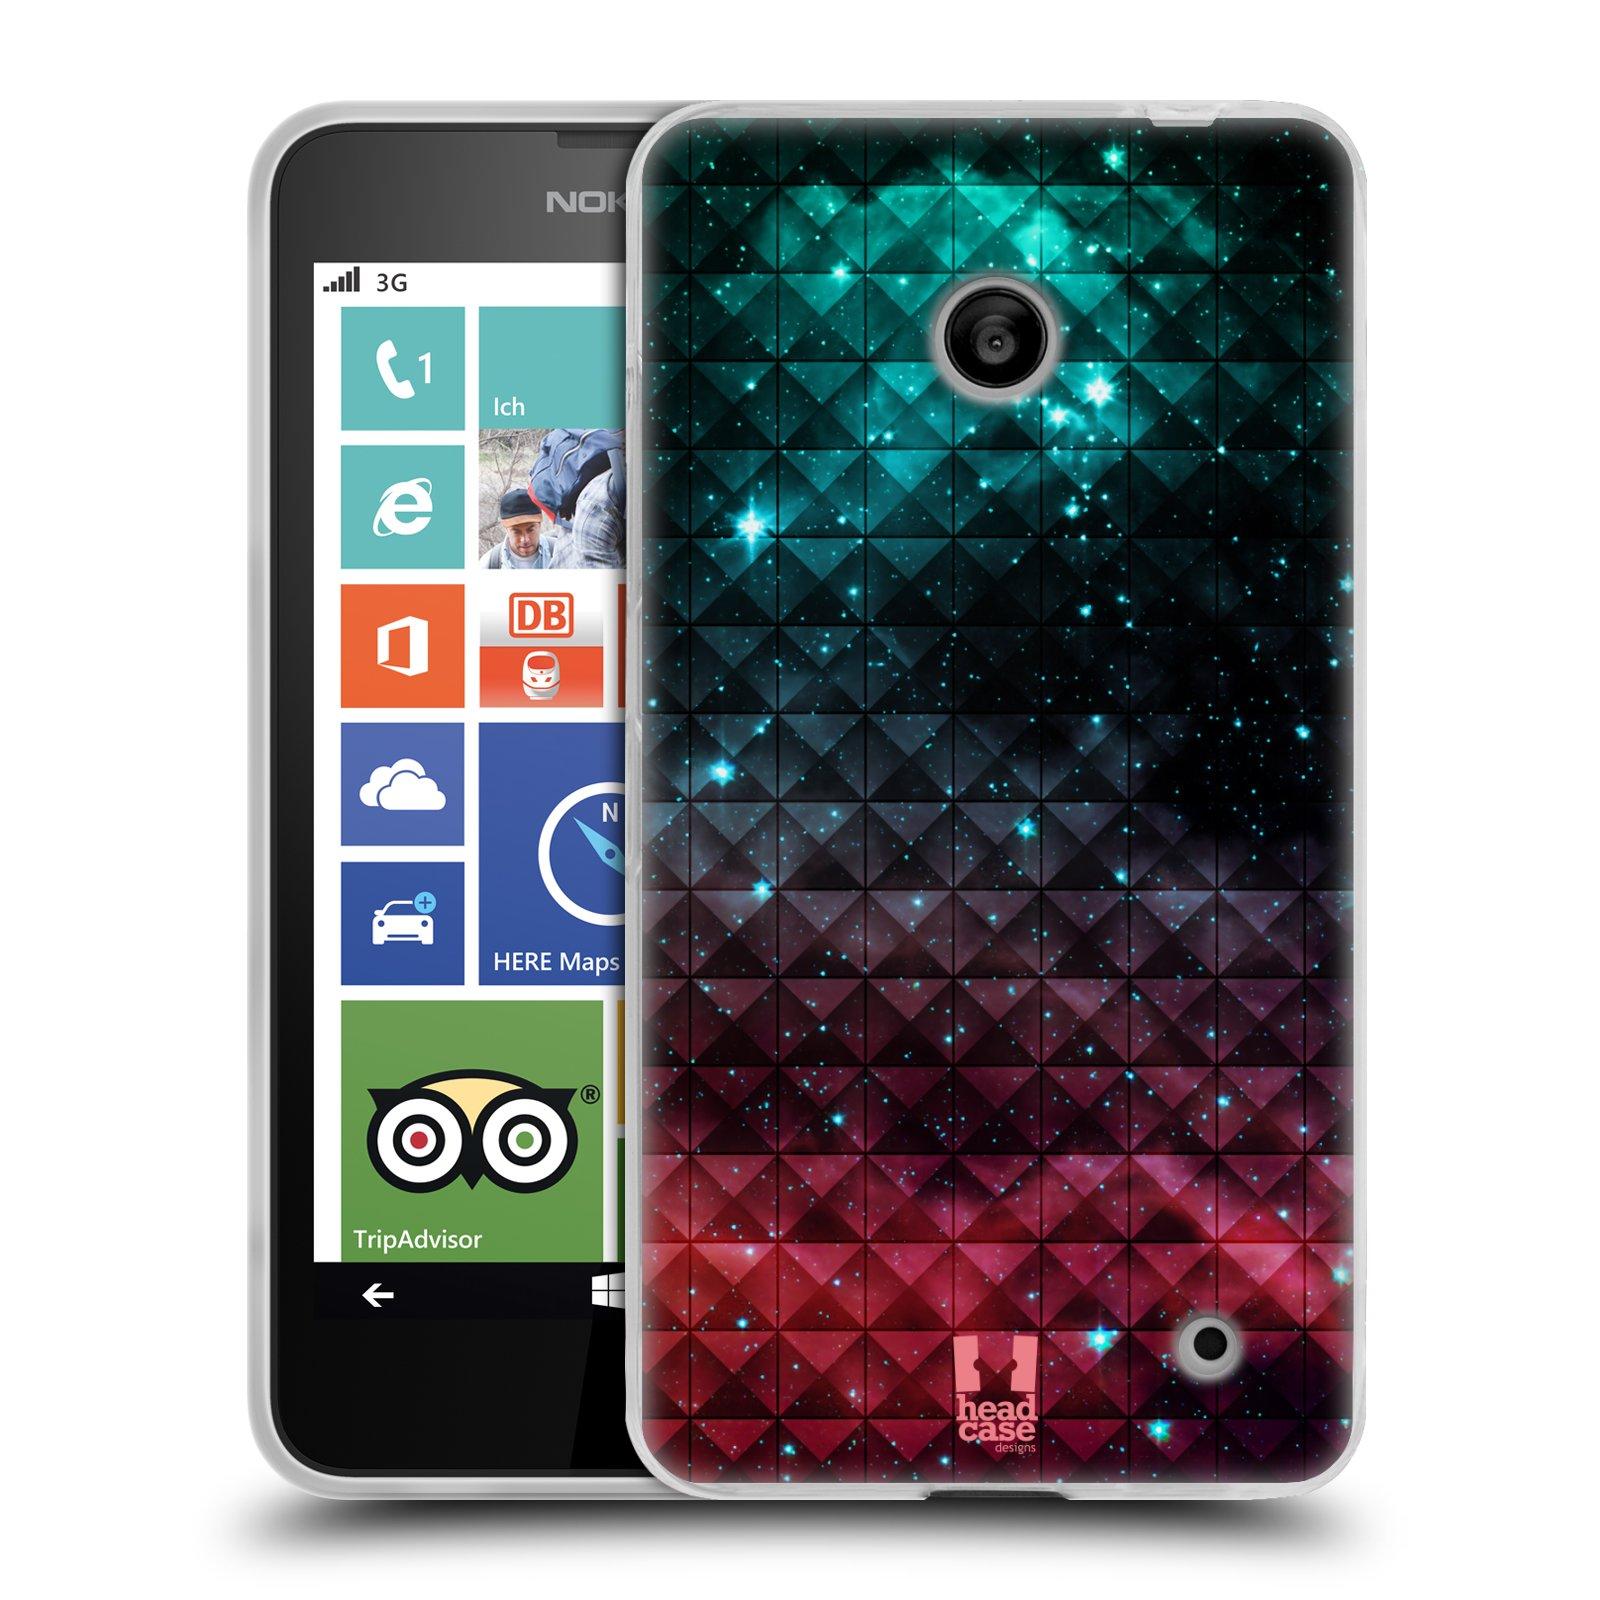 Silikonové pouzdro na mobil Nokia Lumia 630 HEAD CASE OMBRE SPARKLE (Silikonový kryt či obal na mobilní telefon Nokia Lumia 630 a Nokia Lumia 630 Dual SIM)